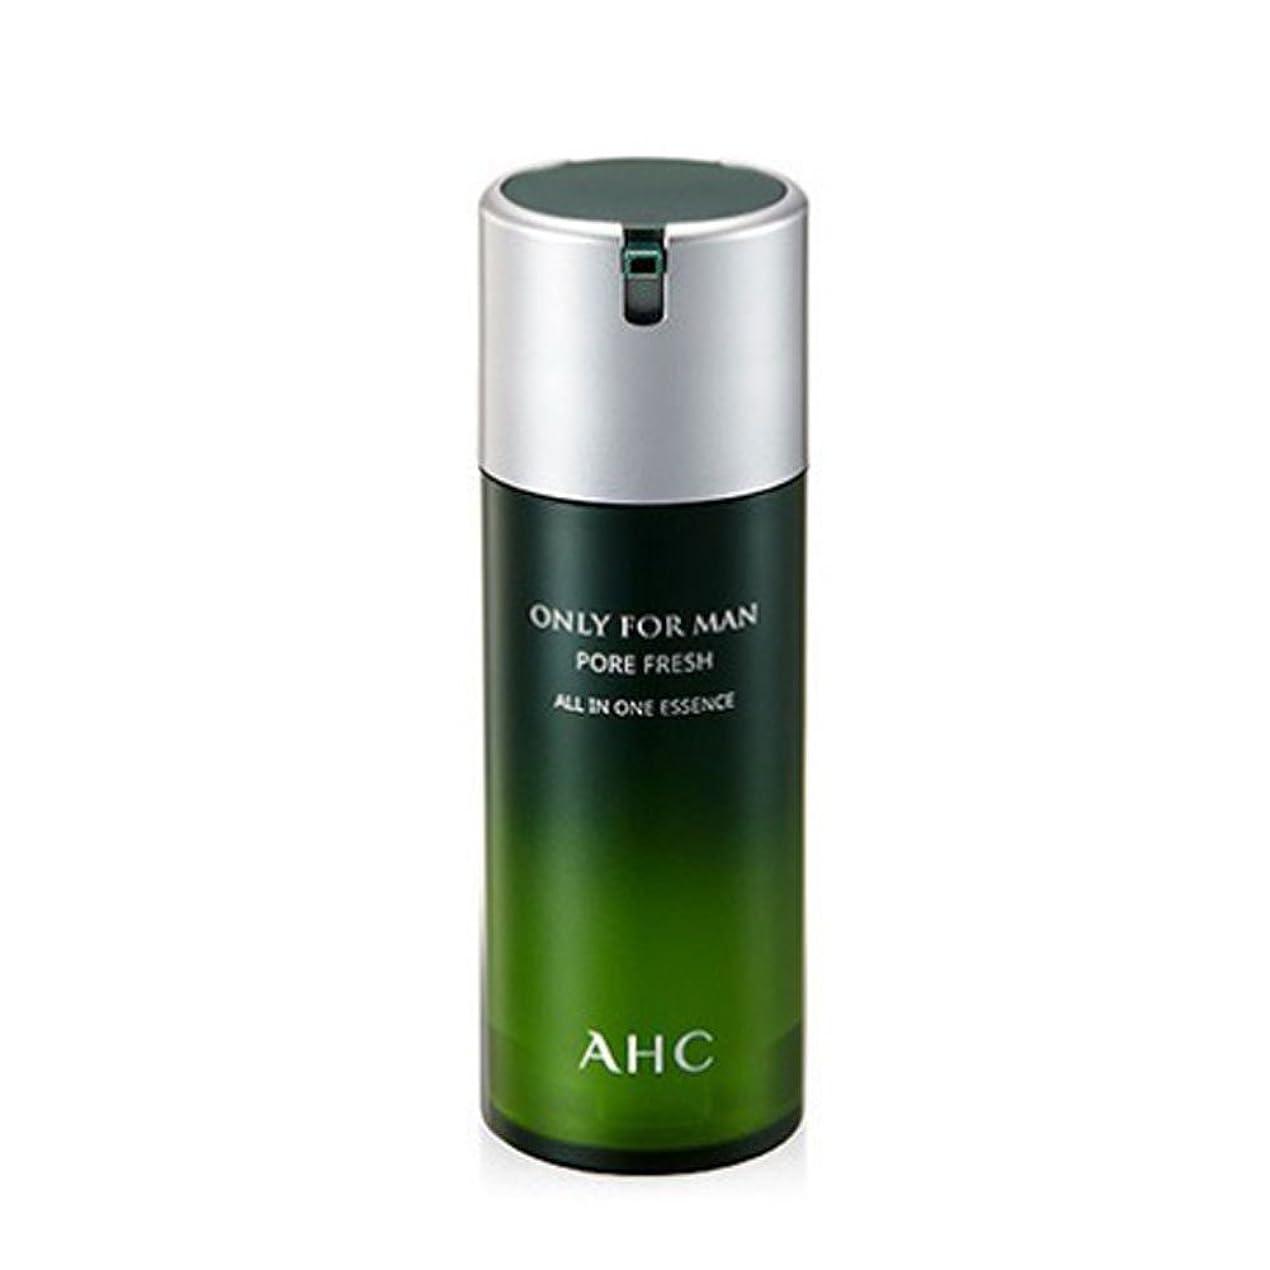 変更ラインナップ結晶AHCオンリーフォーマンフォア?フレッシュオールインワンエッセンス120mlの男性用化粧品、AHC Only For Man Pore Fresh All In One Essence 120ml [並行輸入品]